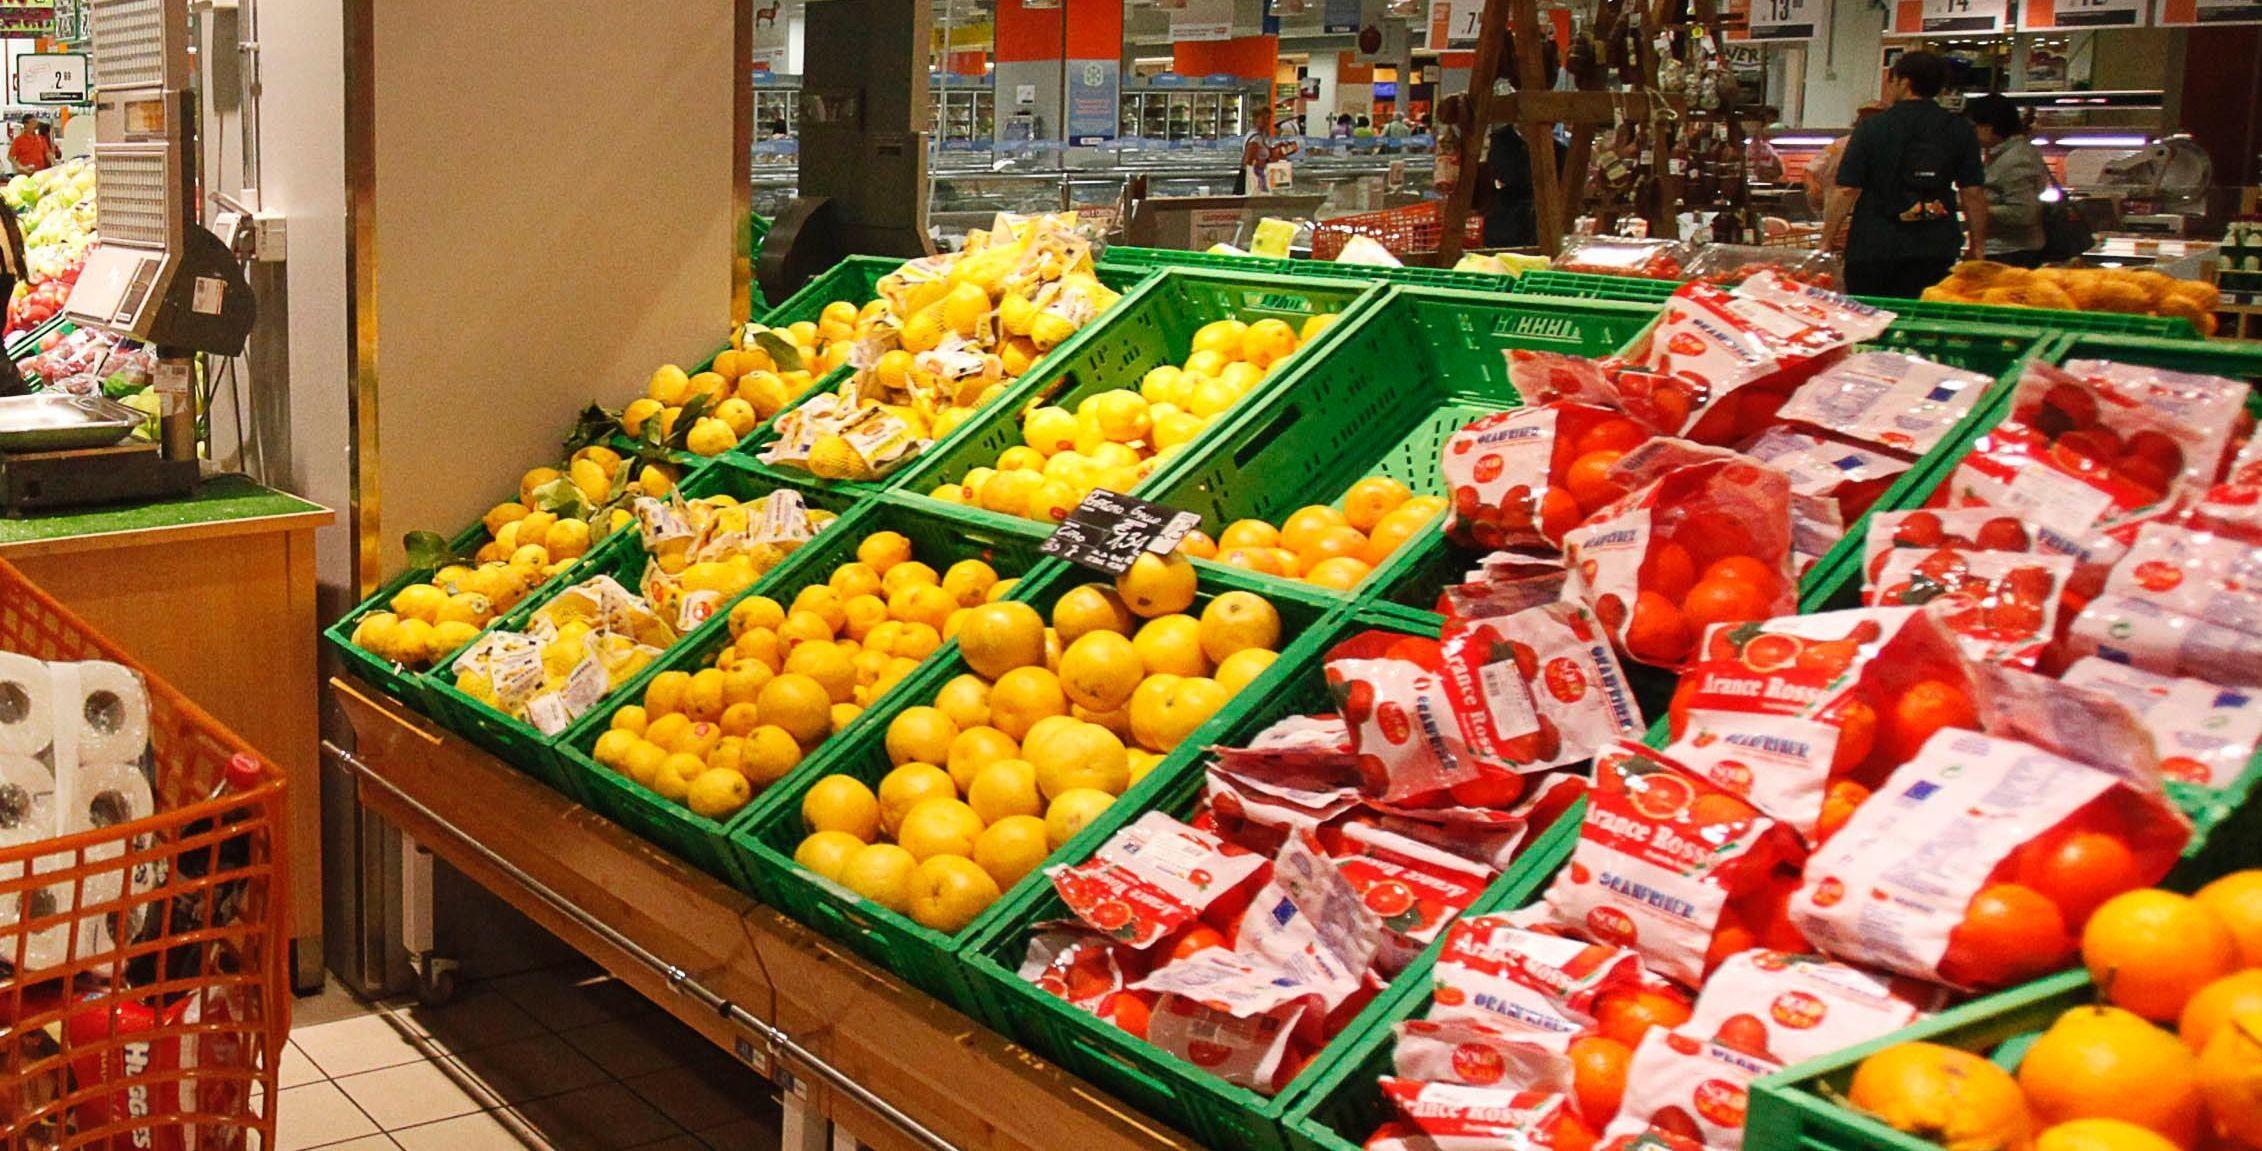 Spacciatore usa la bilancia del supermercato per pesare le dosi di droga